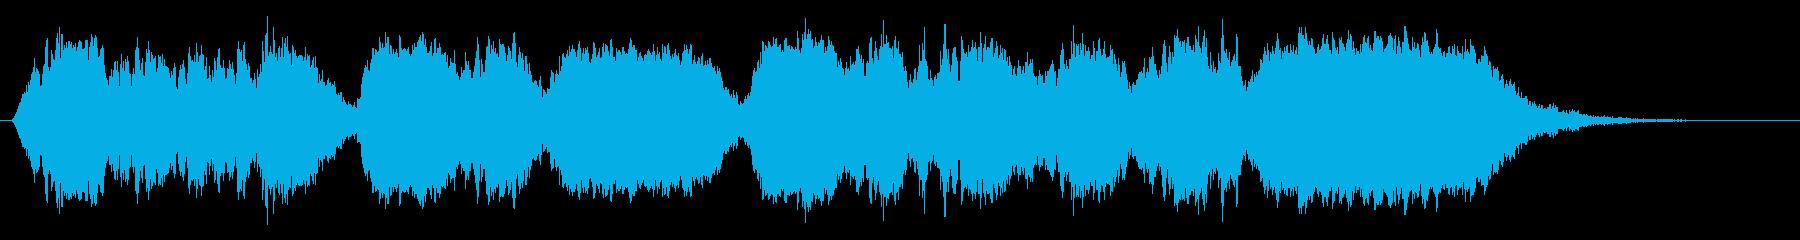 ビオラによる夢想の再生済みの波形